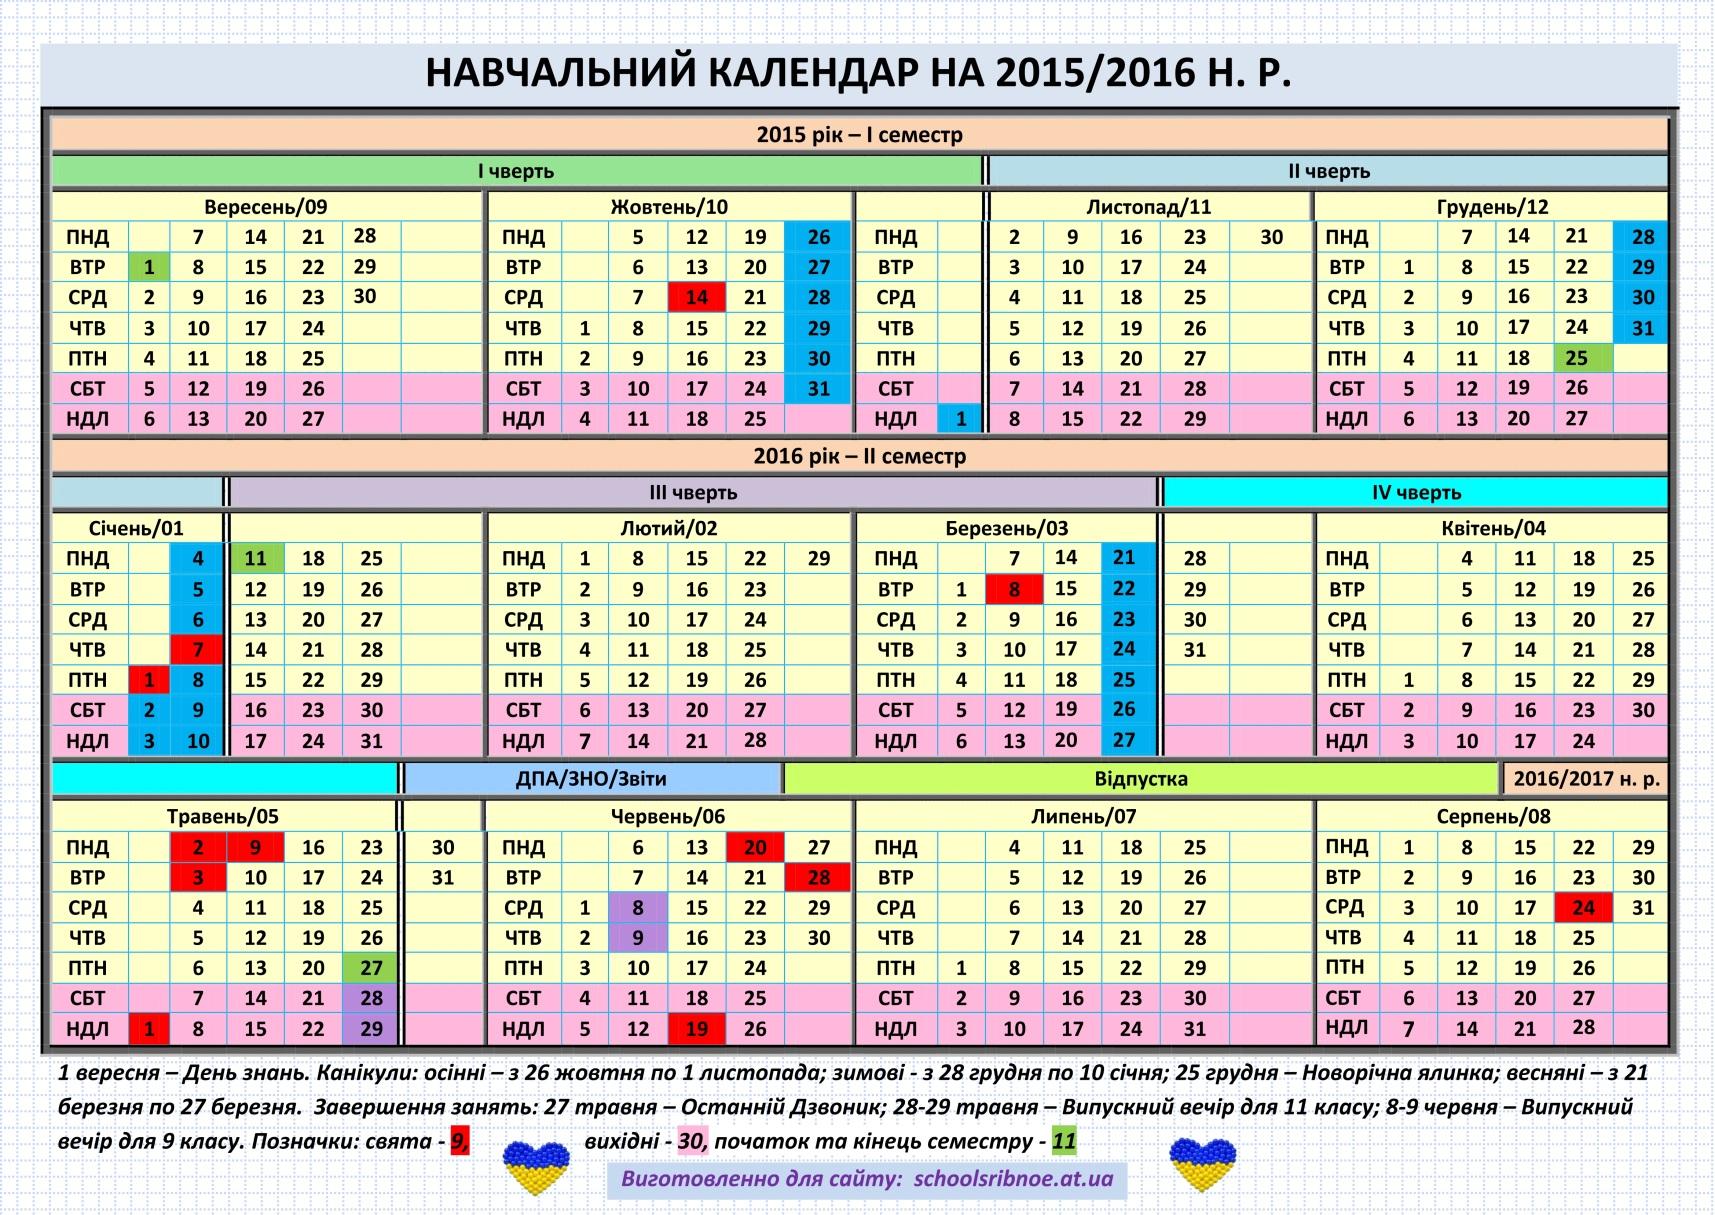 C:\Users\Лена\Desktop\Напвчальний календар-2015-2016.jpg